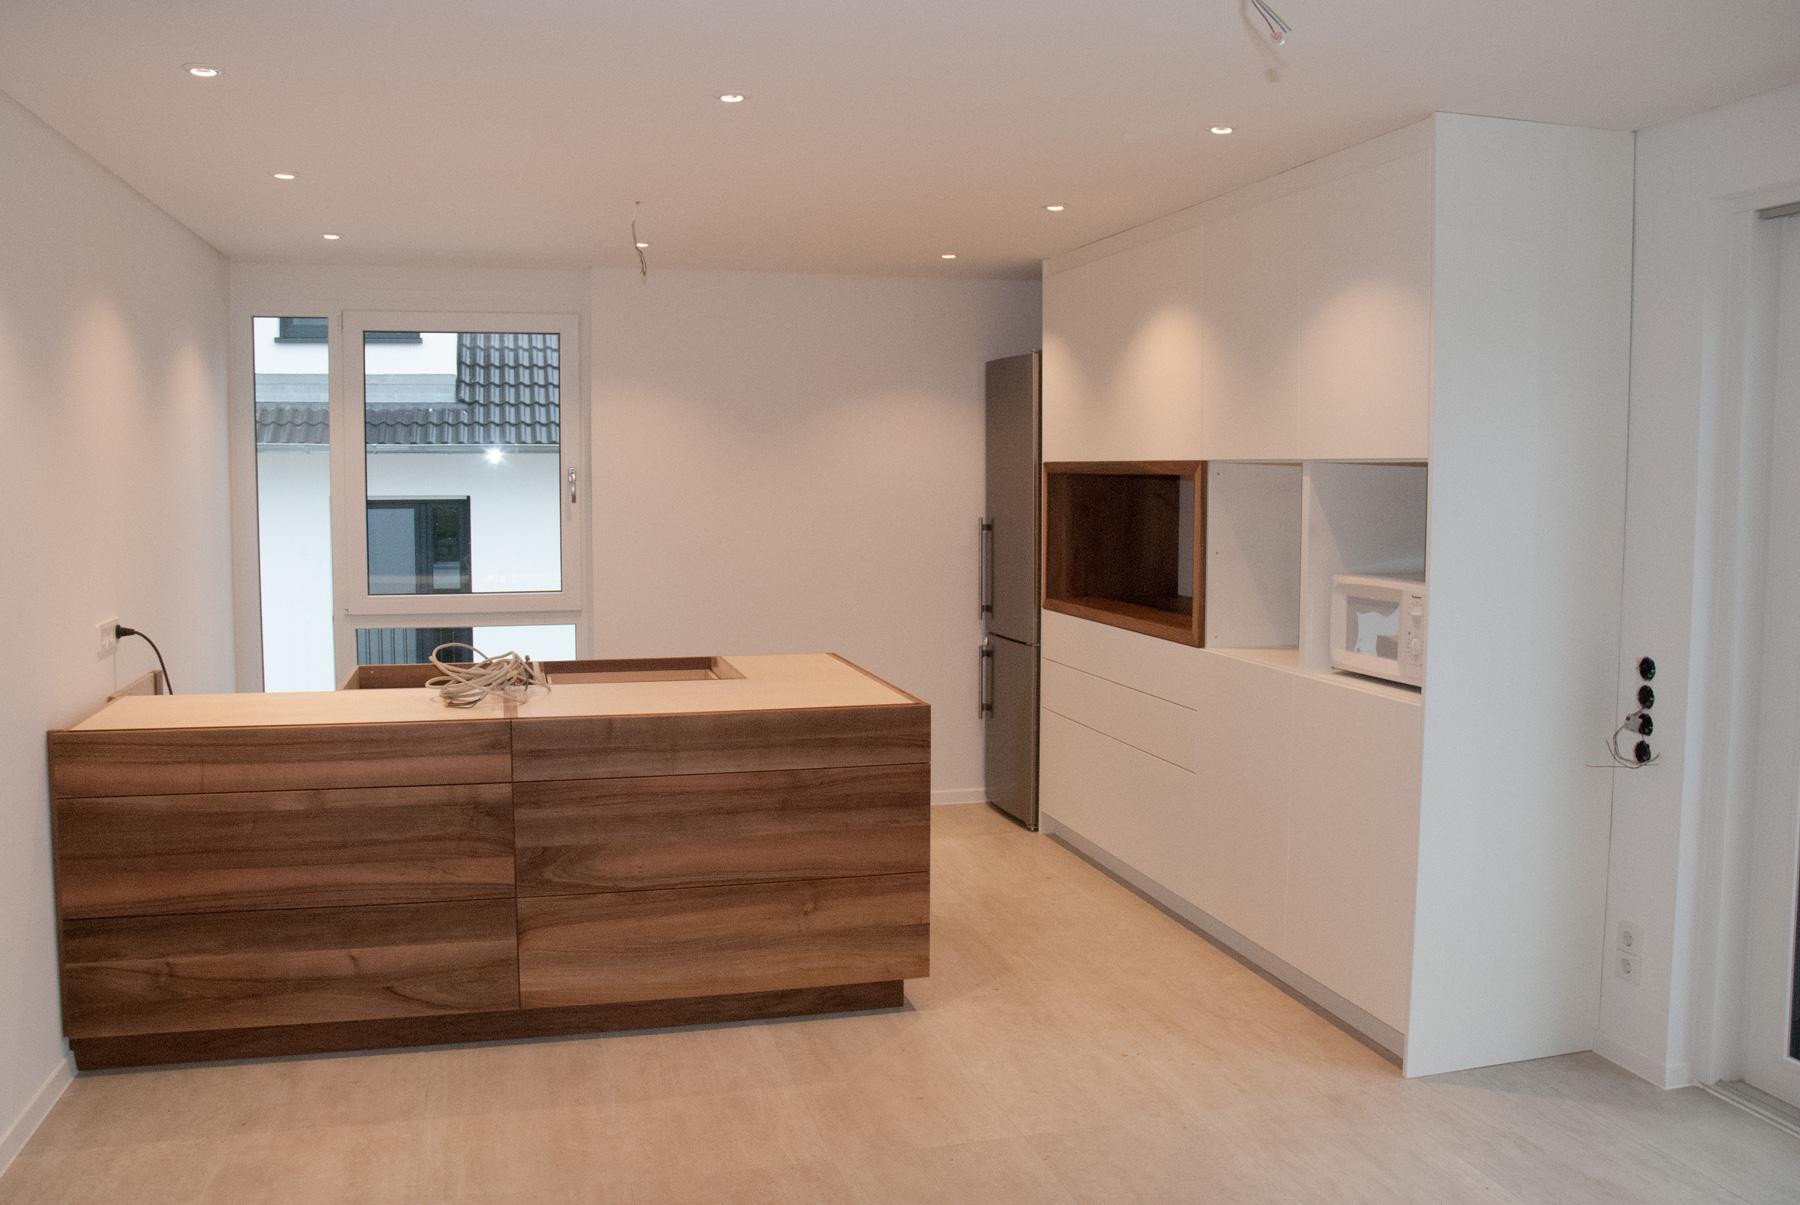 moderne küche mit mittelblock in nussbaum & weißen hochschränken - Küche Mittelblock